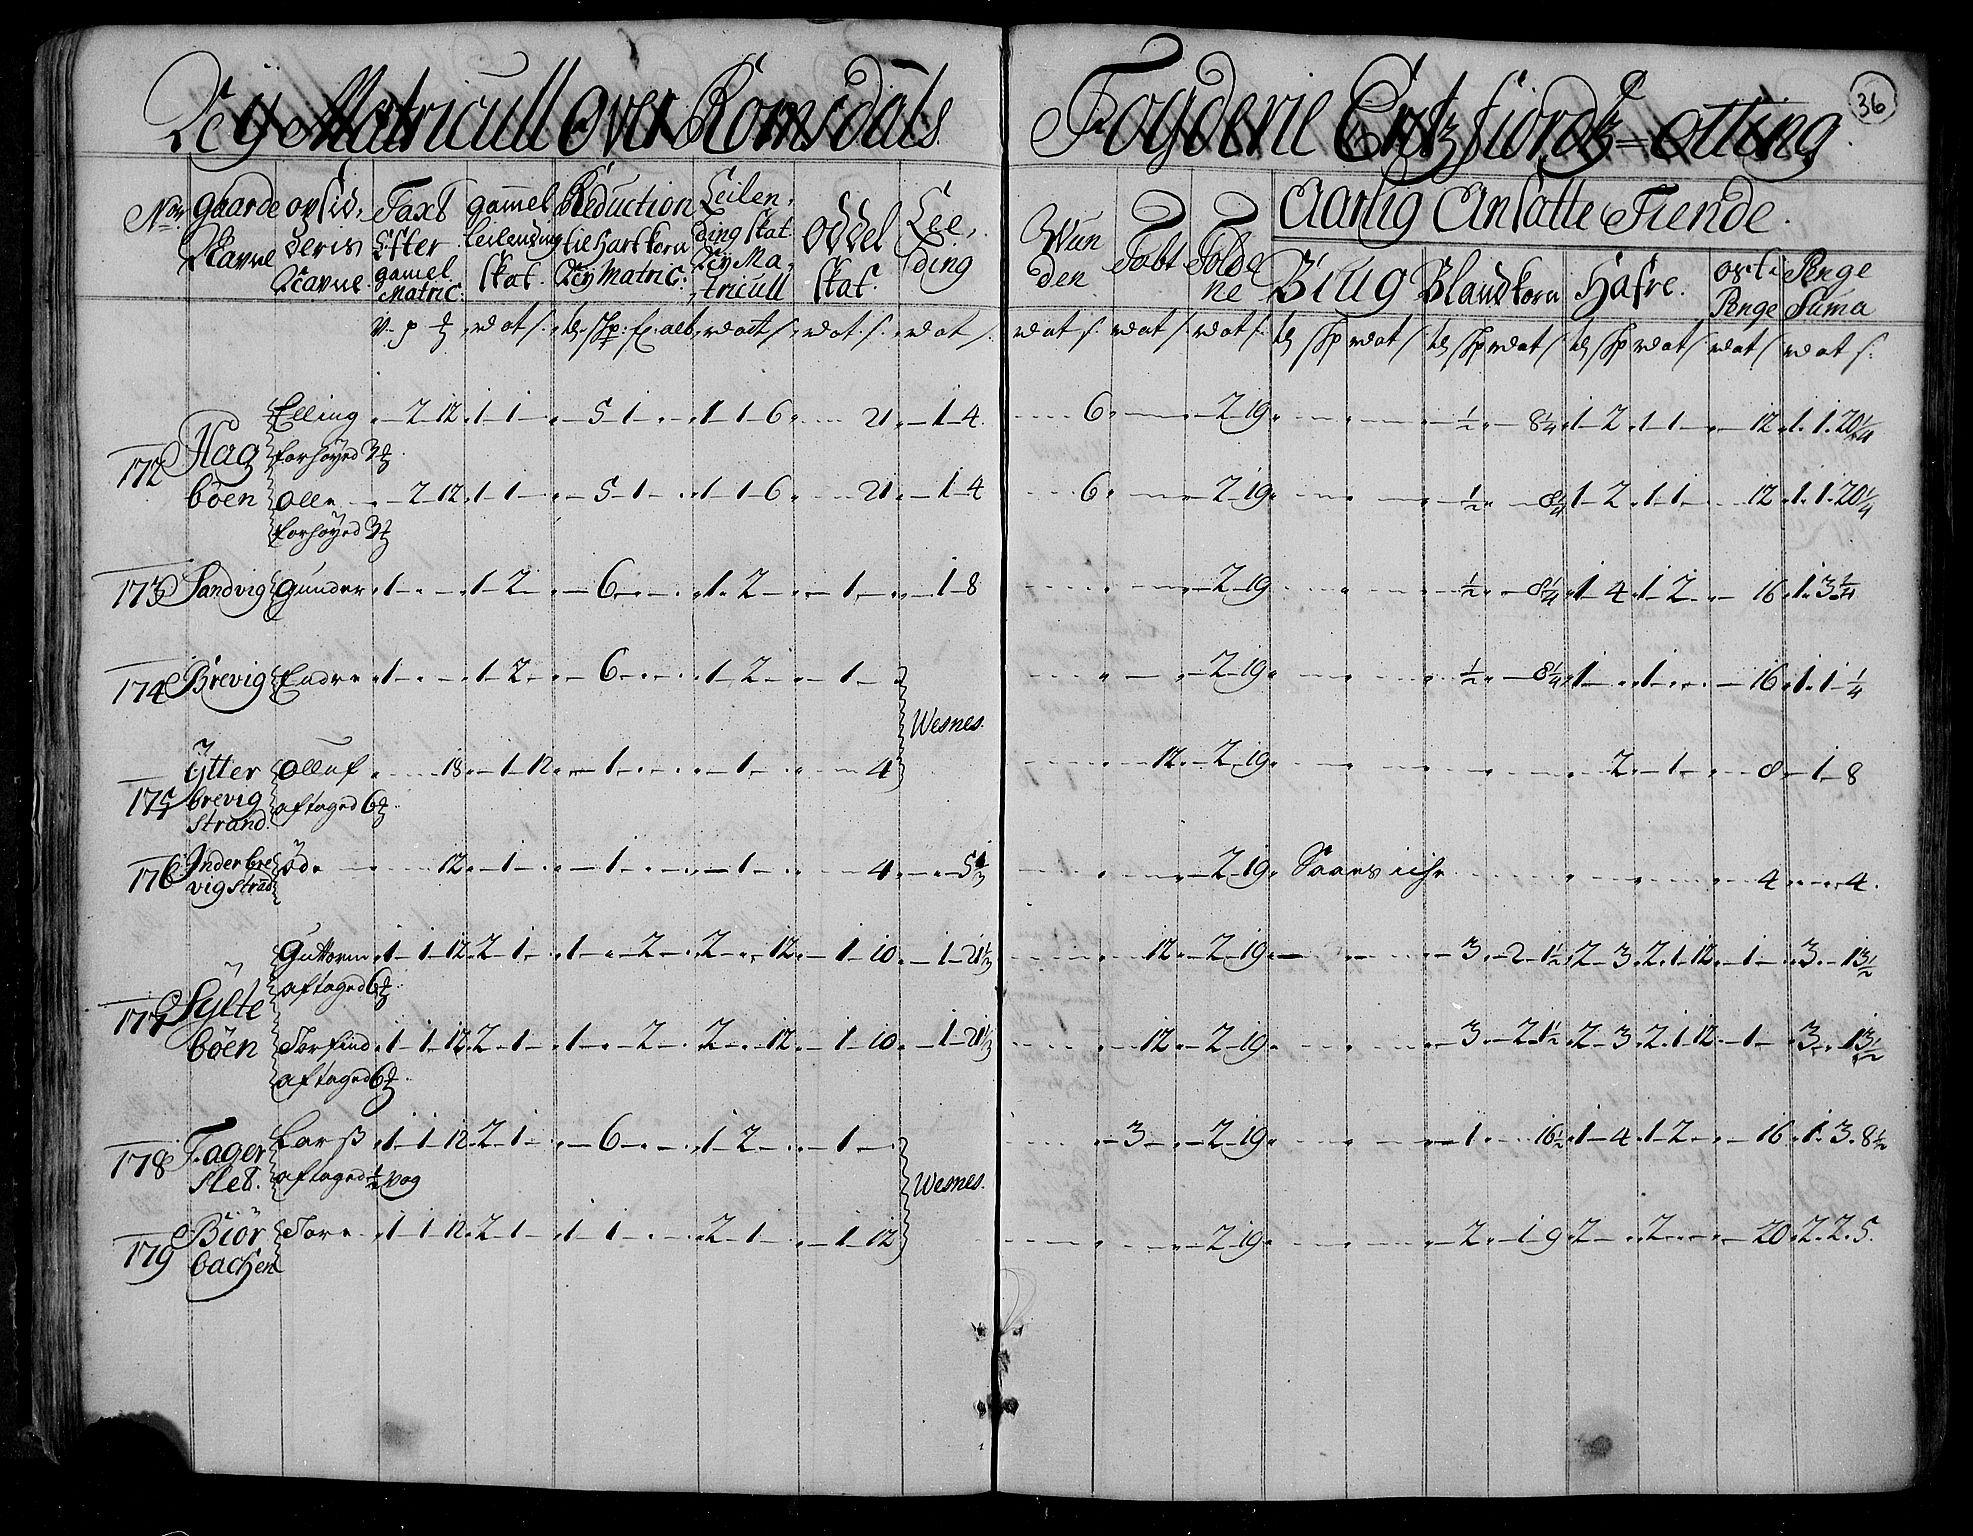 RA, Rentekammeret inntil 1814, Realistisk ordnet avdeling, N/Nb/Nbf/L0153: Romsdal matrikkelprotokoll, 1724, s. 37